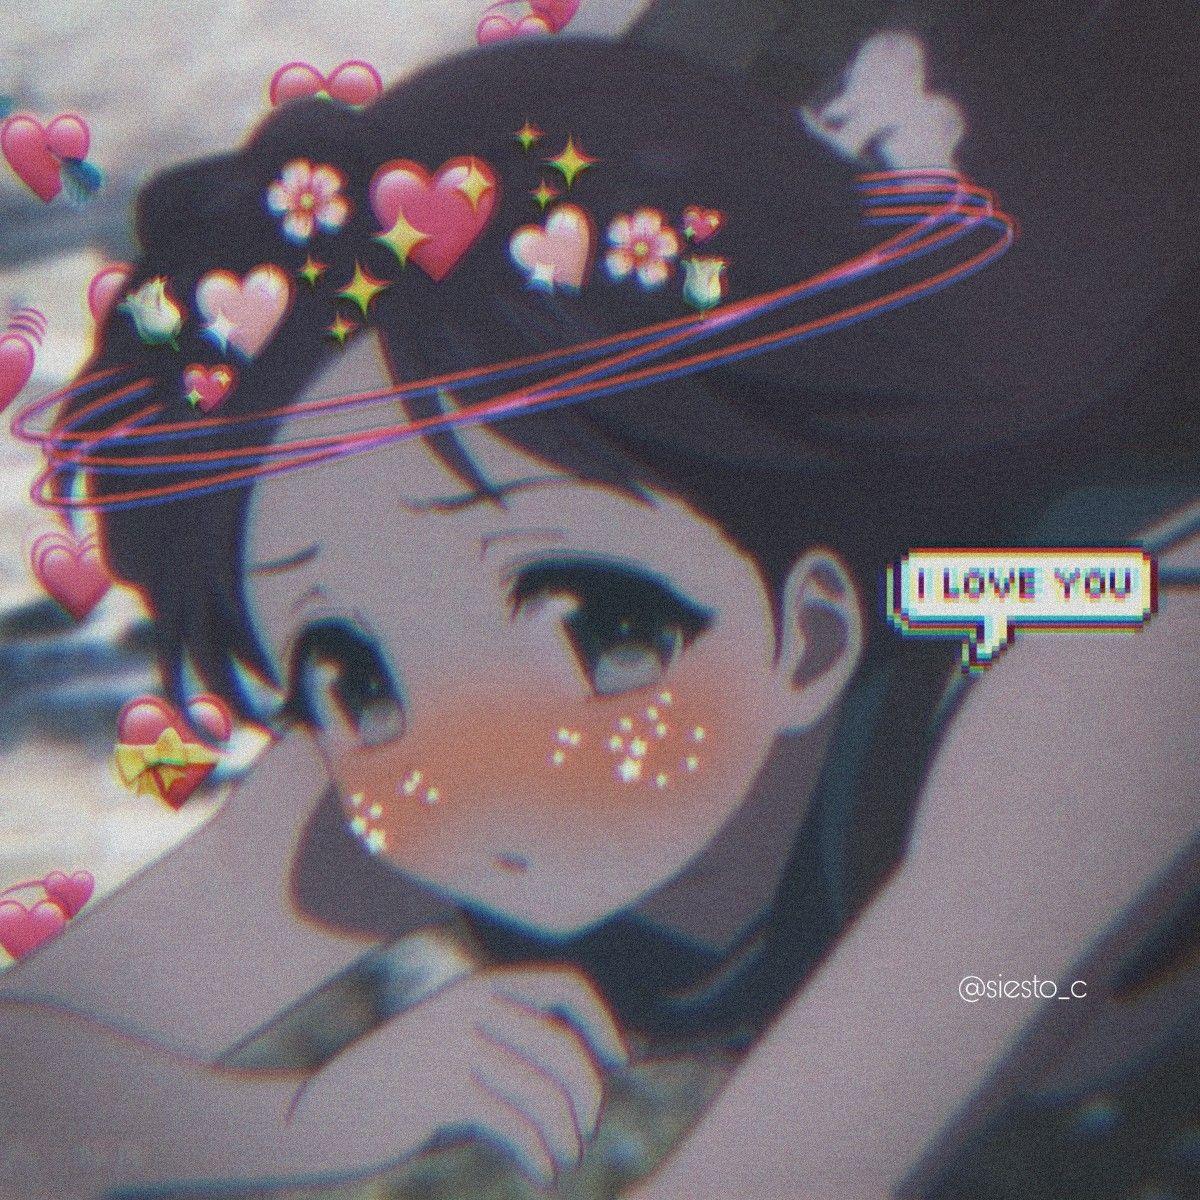 Pin De Siesto C Em Icons Menina Anime Raparigas Anime